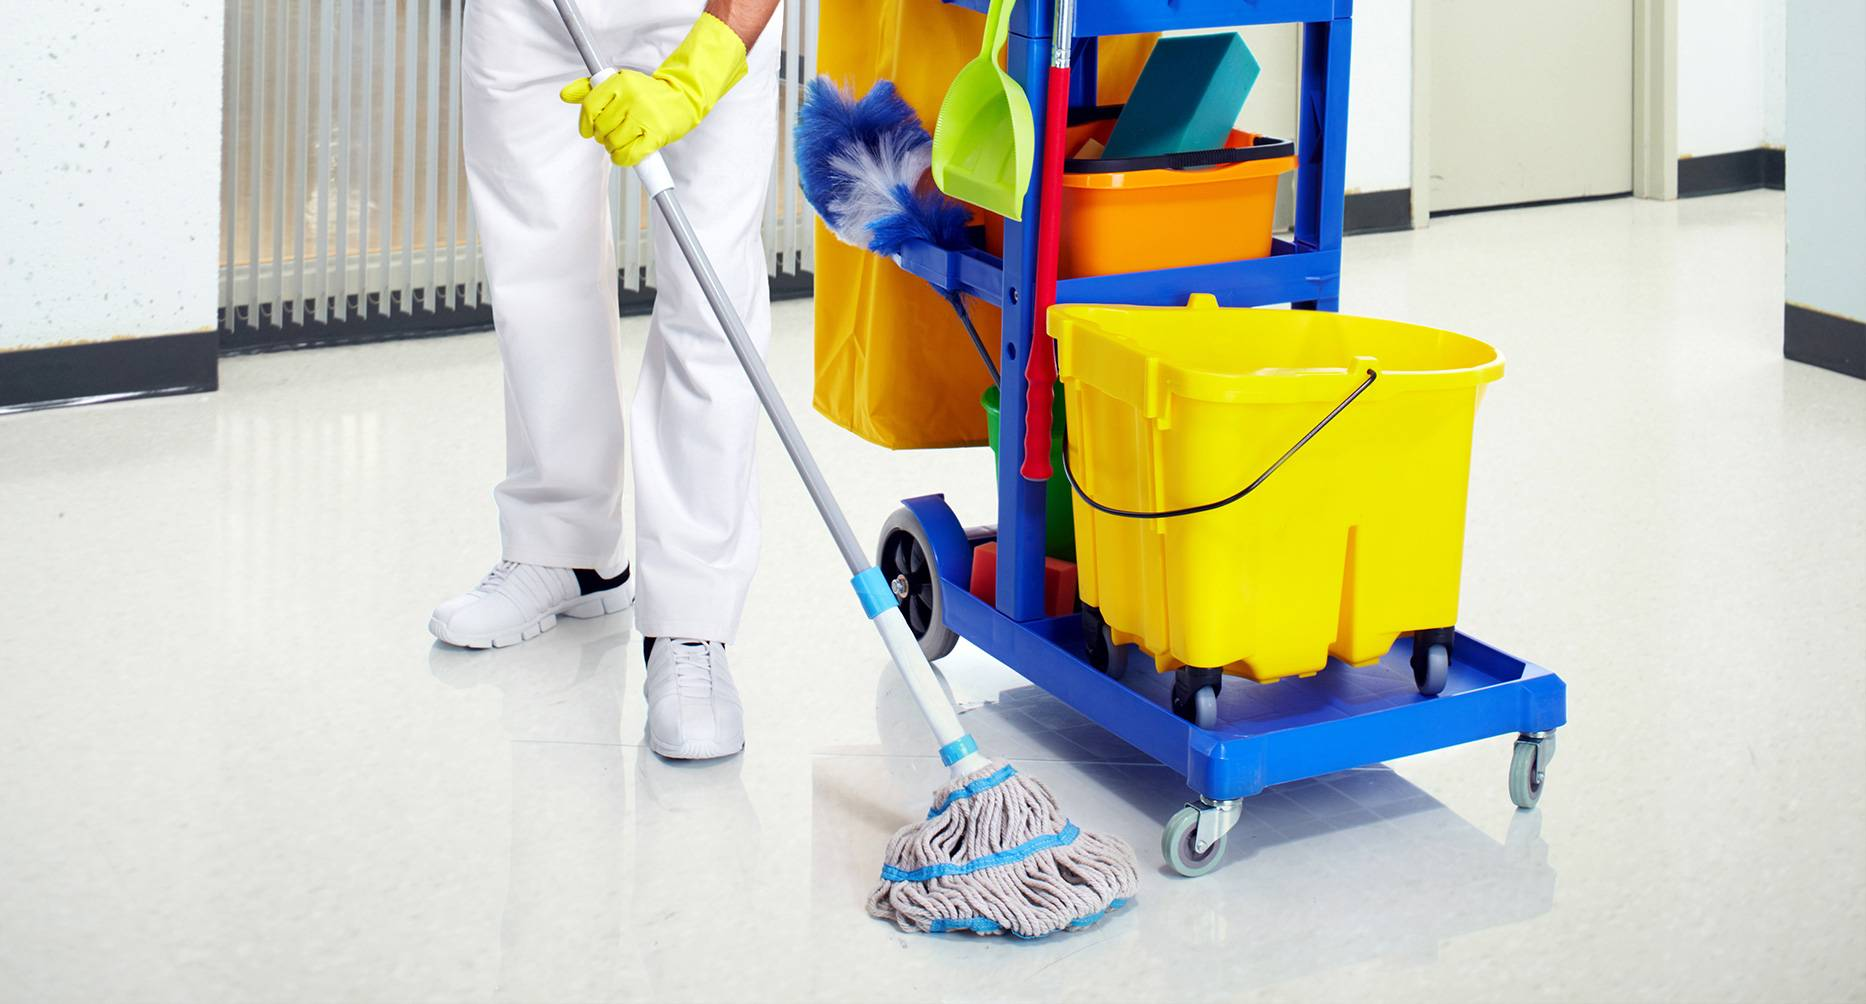 Huta presupuesto de limpieza valencia huta for Empresas de limpieza en valencia que necesiten personal